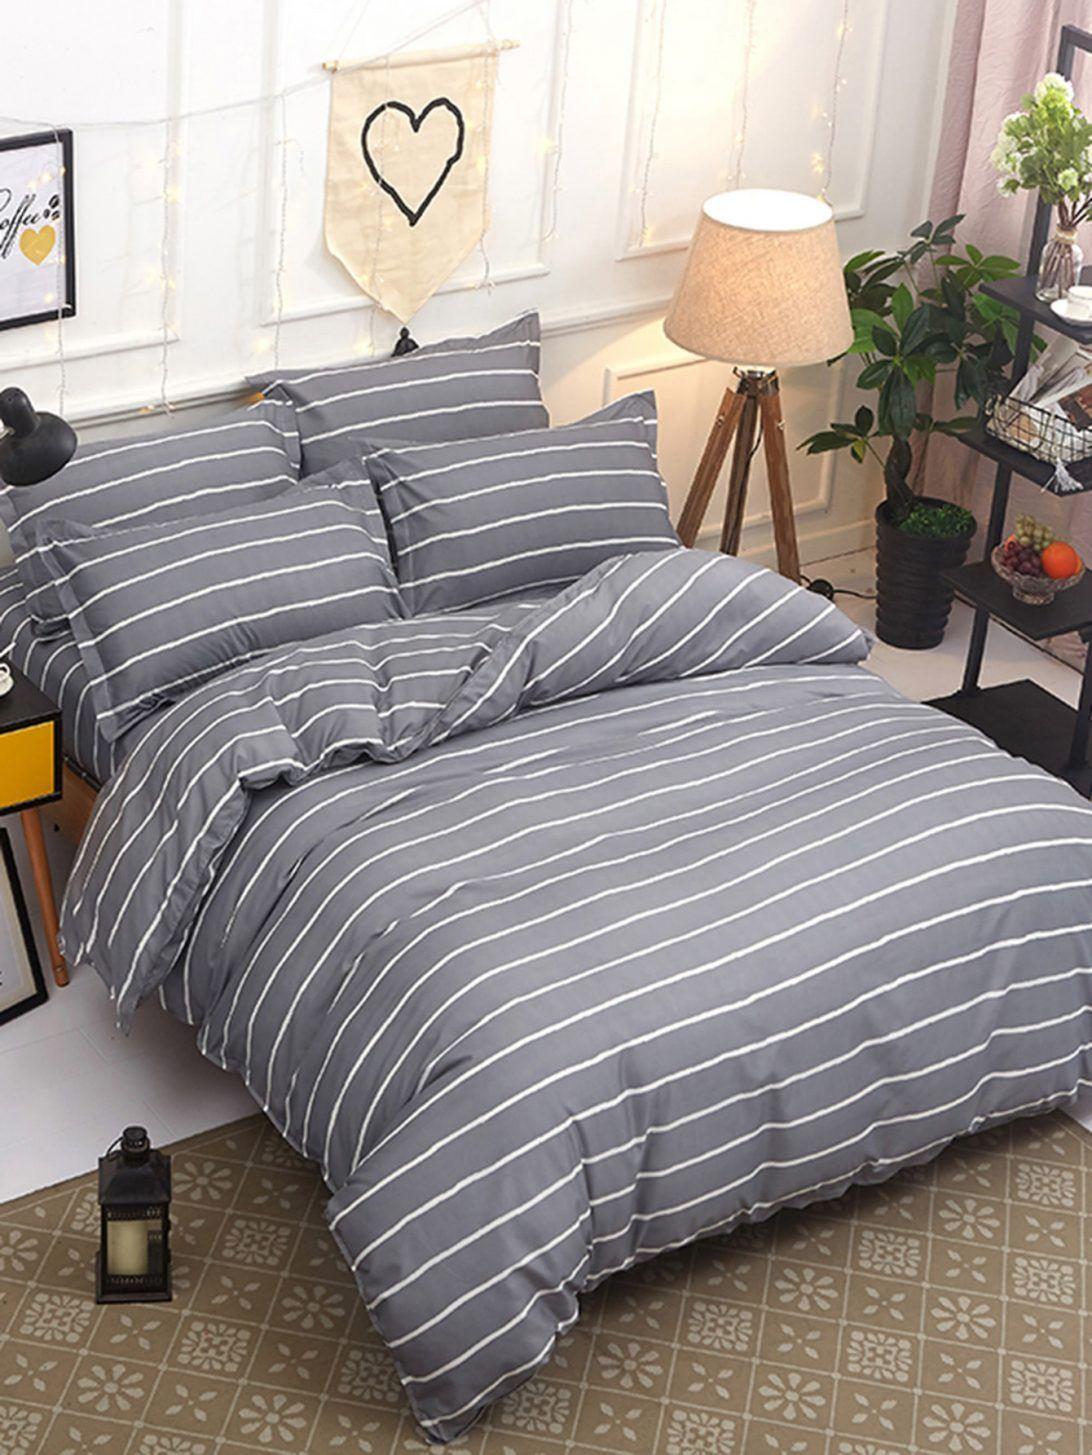 62 Most Marvelous Pinstripe Duvet Cover Striped Sheet Sham